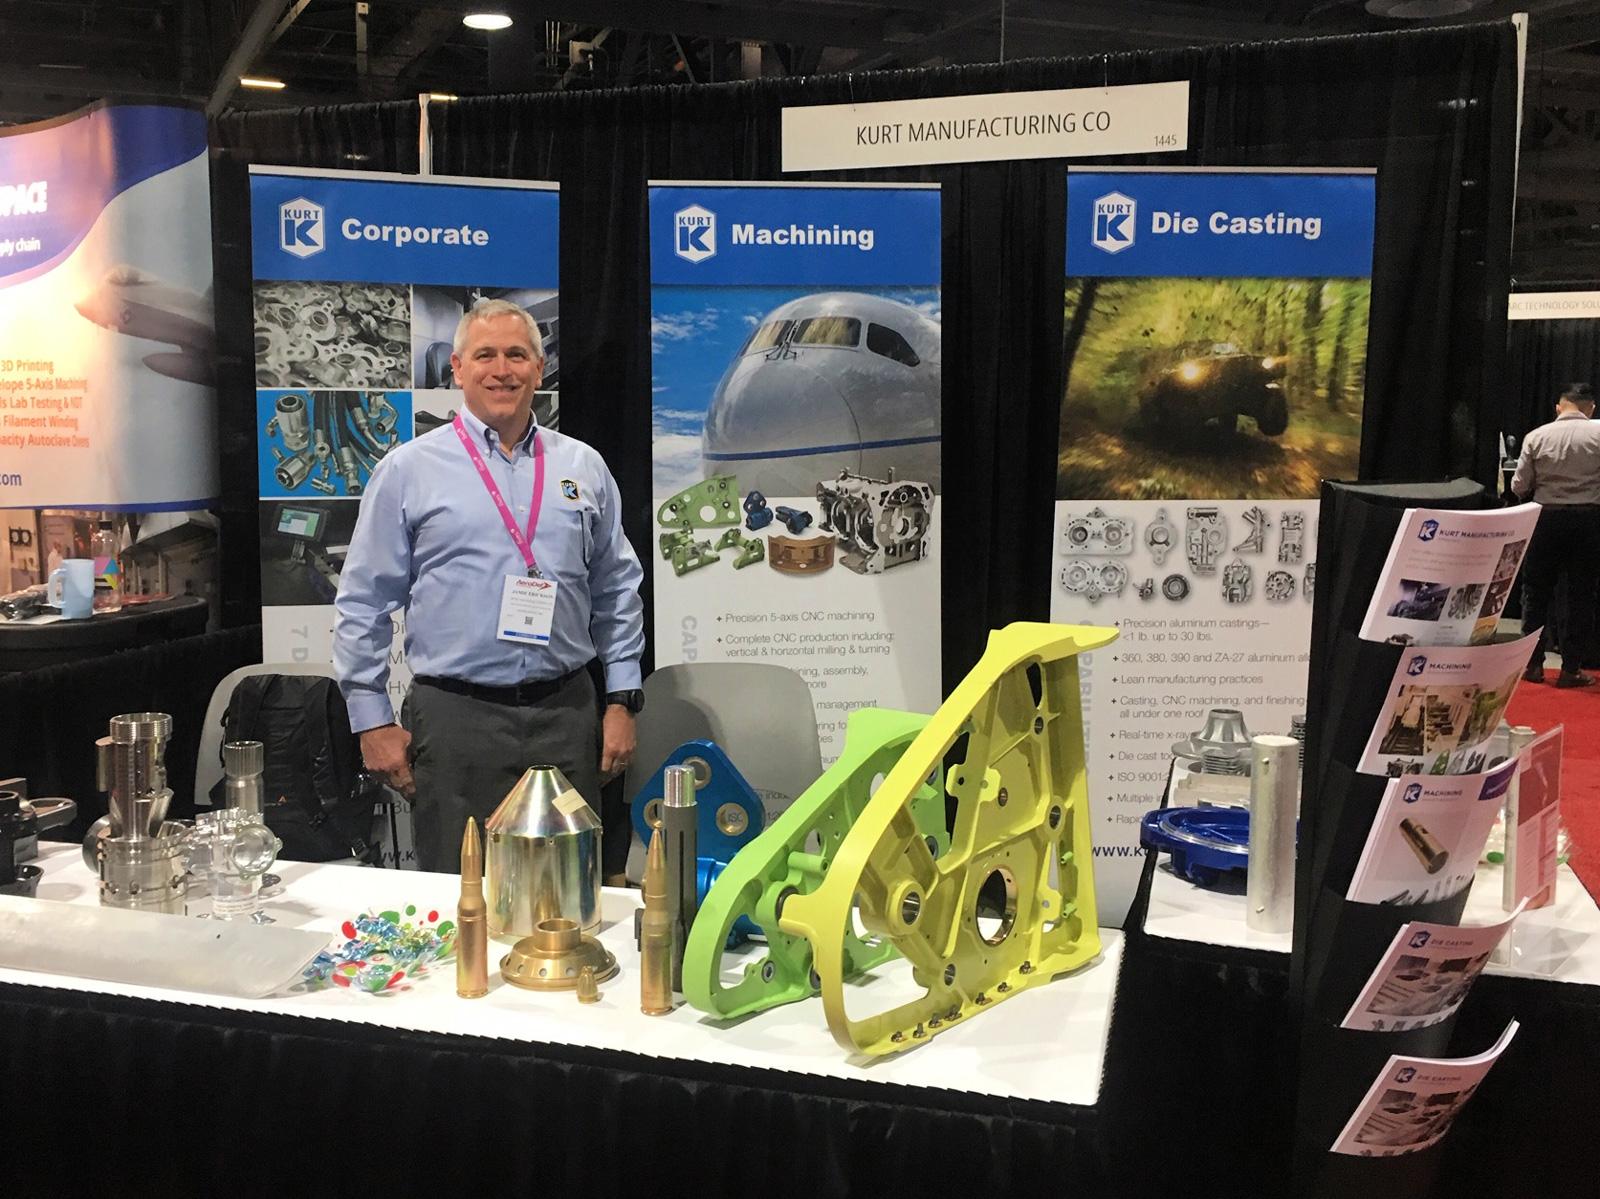 Jamie-Erickson-Kurt-Manufacturing-AeroDef.jpg